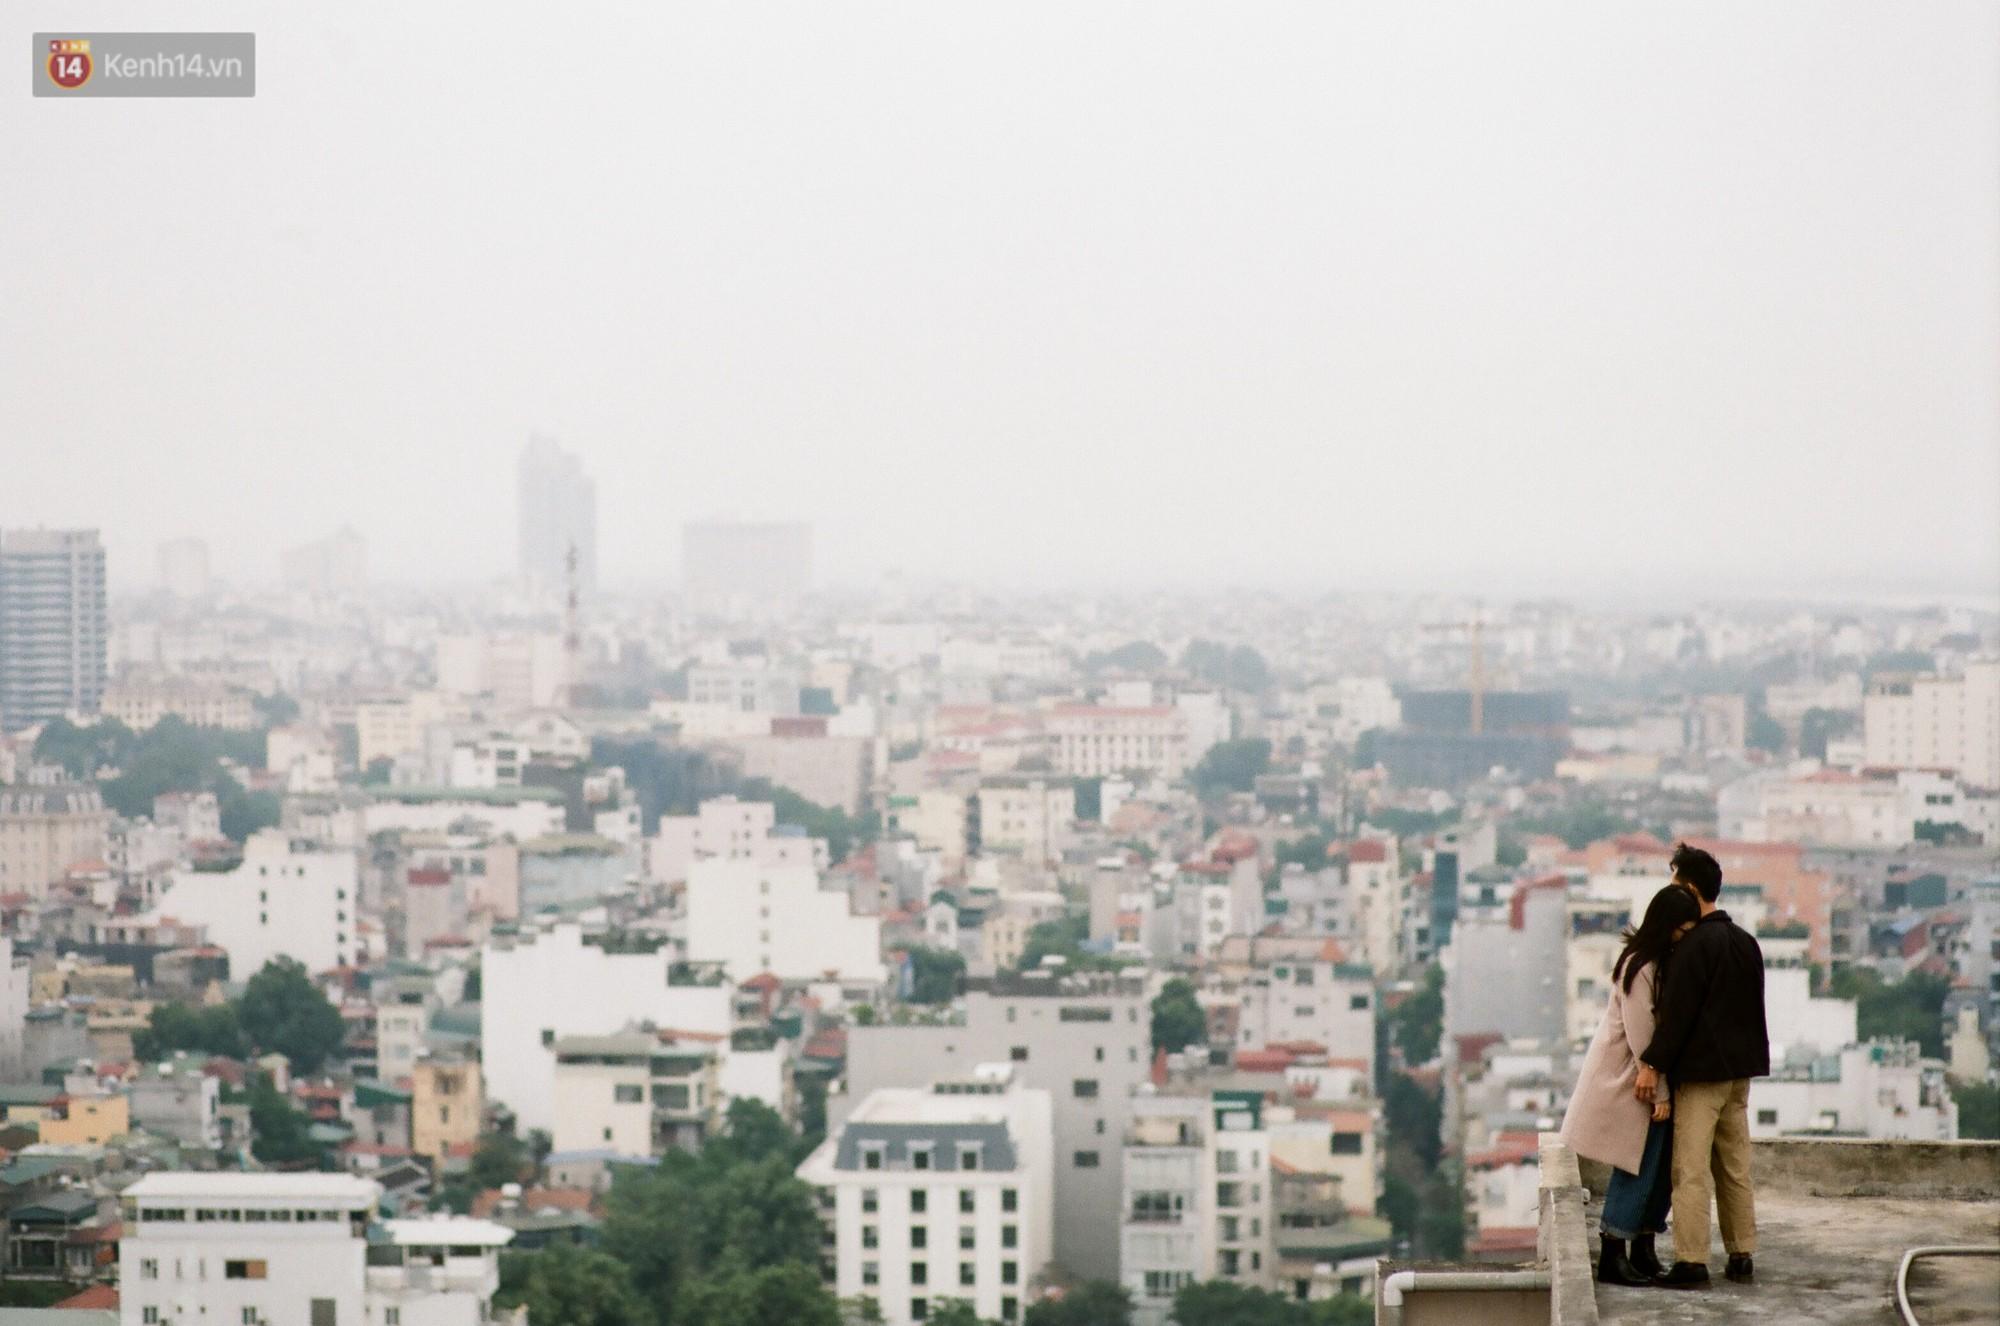 Vì sao các hãng thông tấn quốc tế đều chọn những nóc nhà của Hà Nội để đưa tin về Hội nghị thượng đỉnh Mỹ - Triều?-17